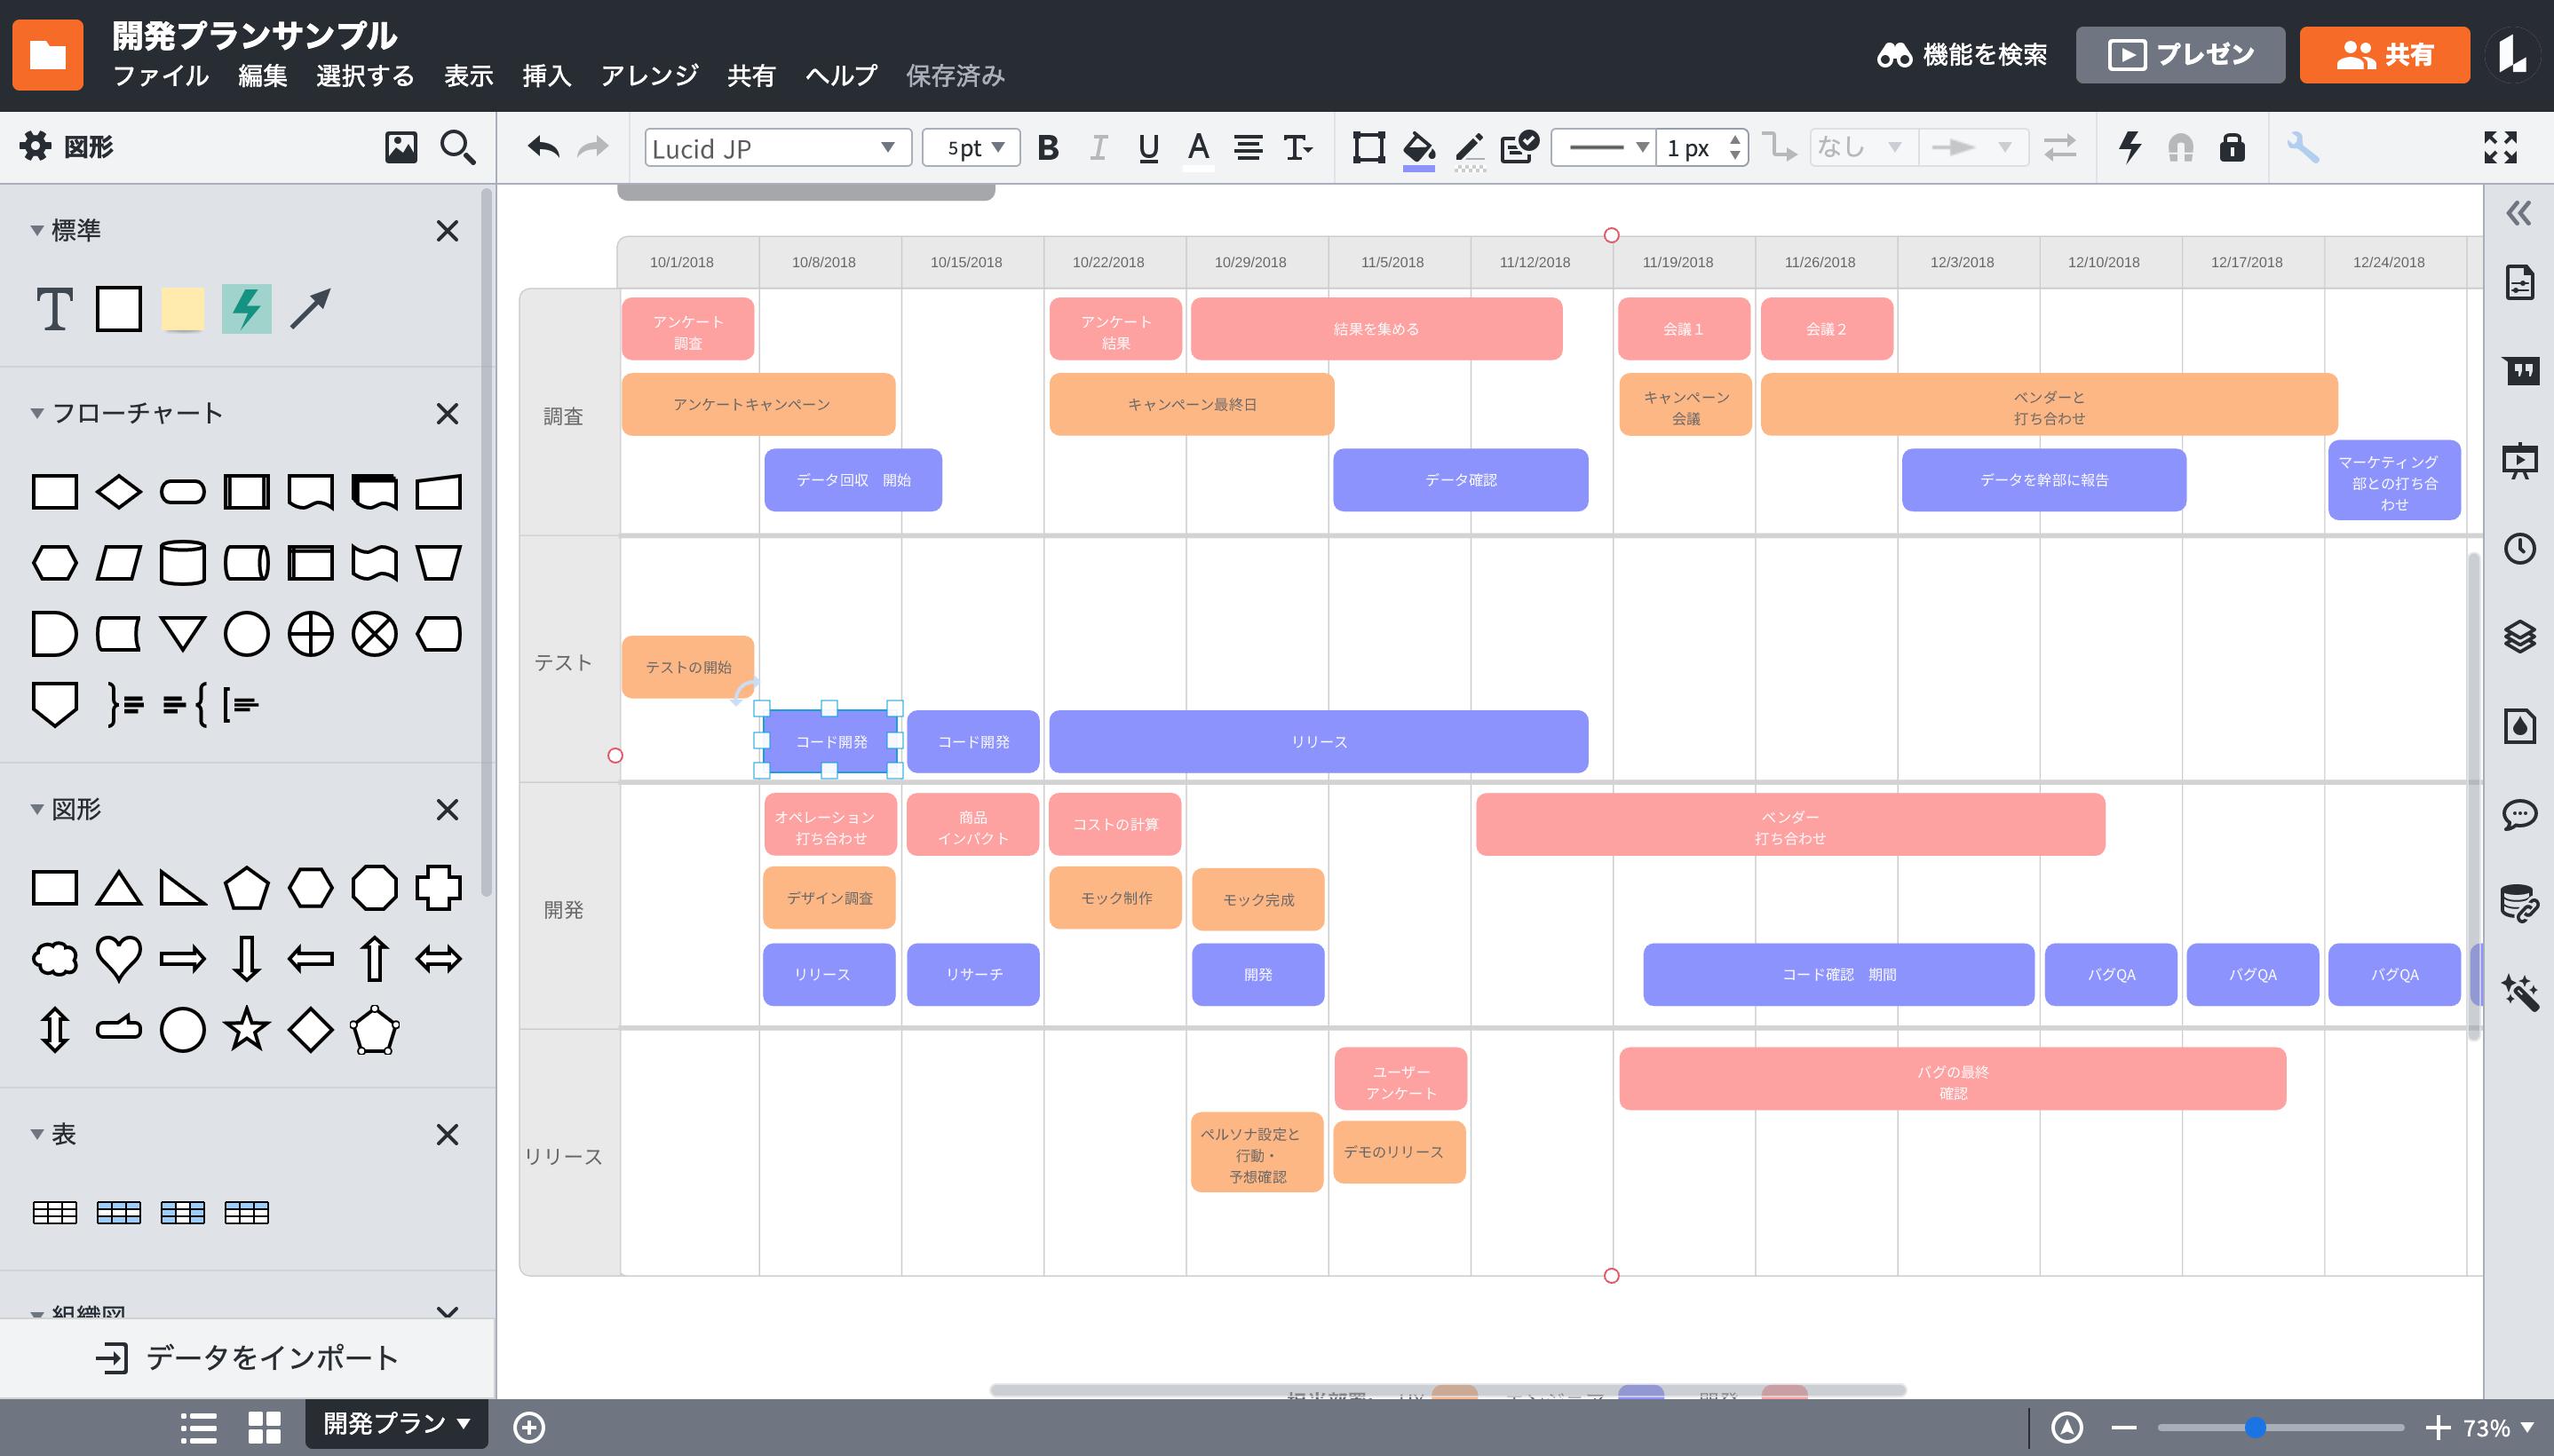 ガントチャートやプレゼンも、様々な作業に向いていプロジェクト管理ツール